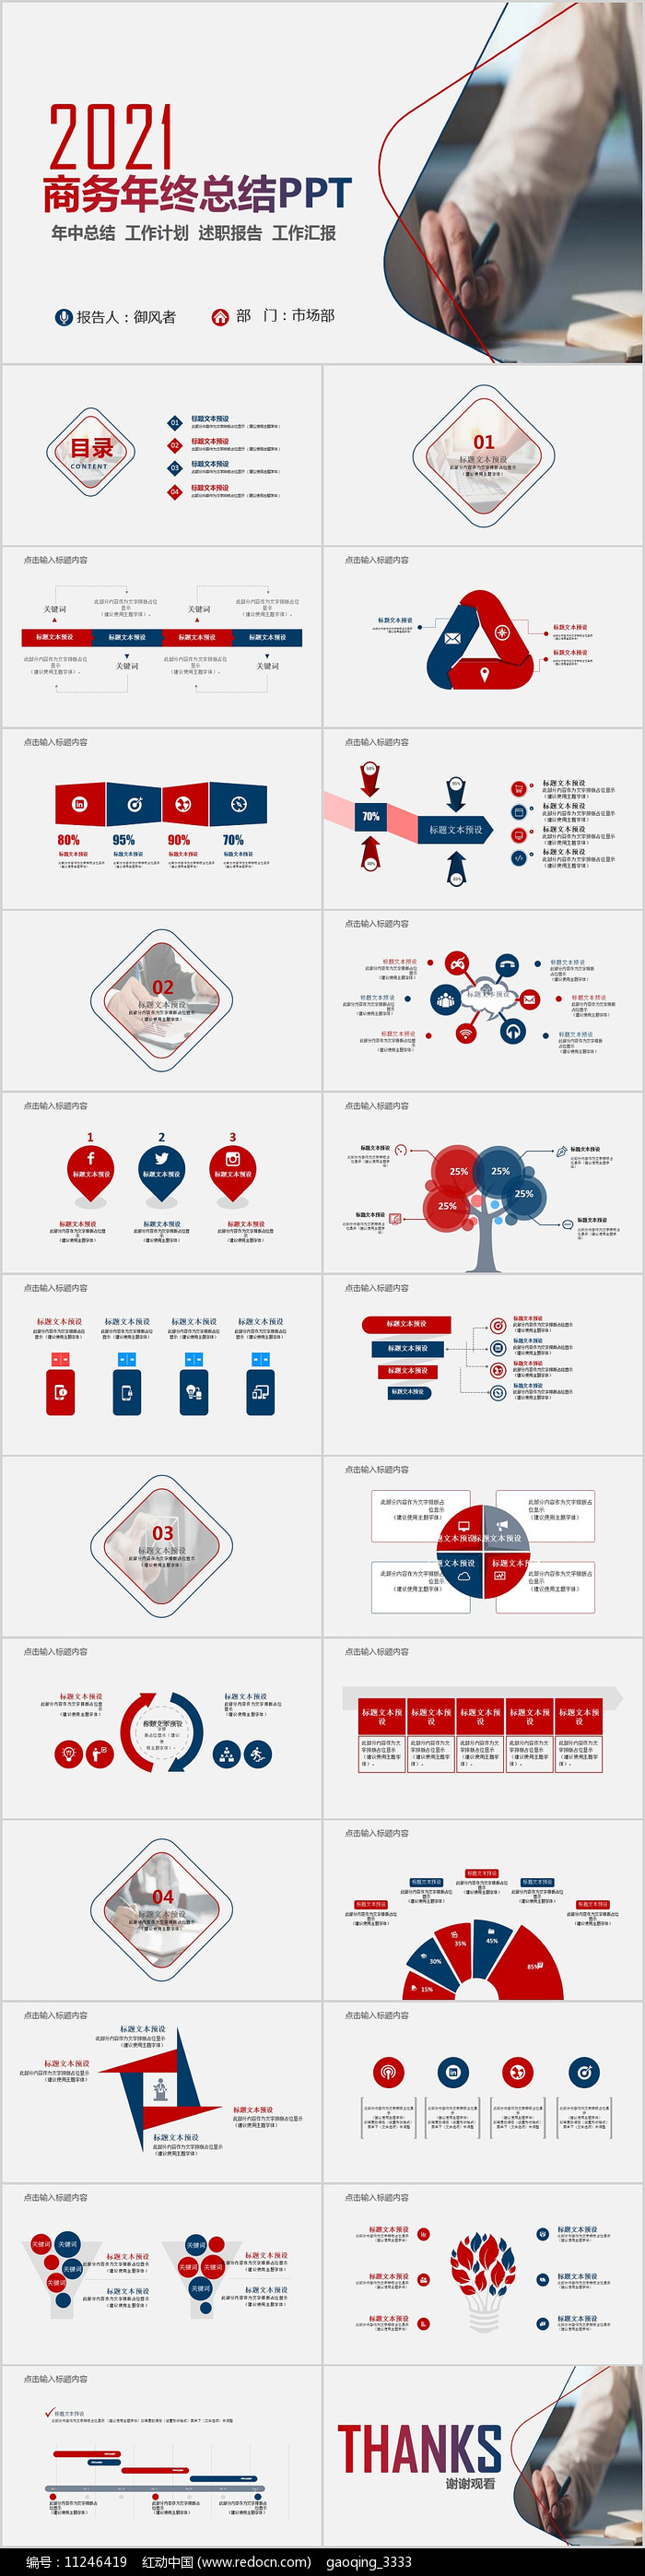 2021商务年终总结工作计划PPT图片